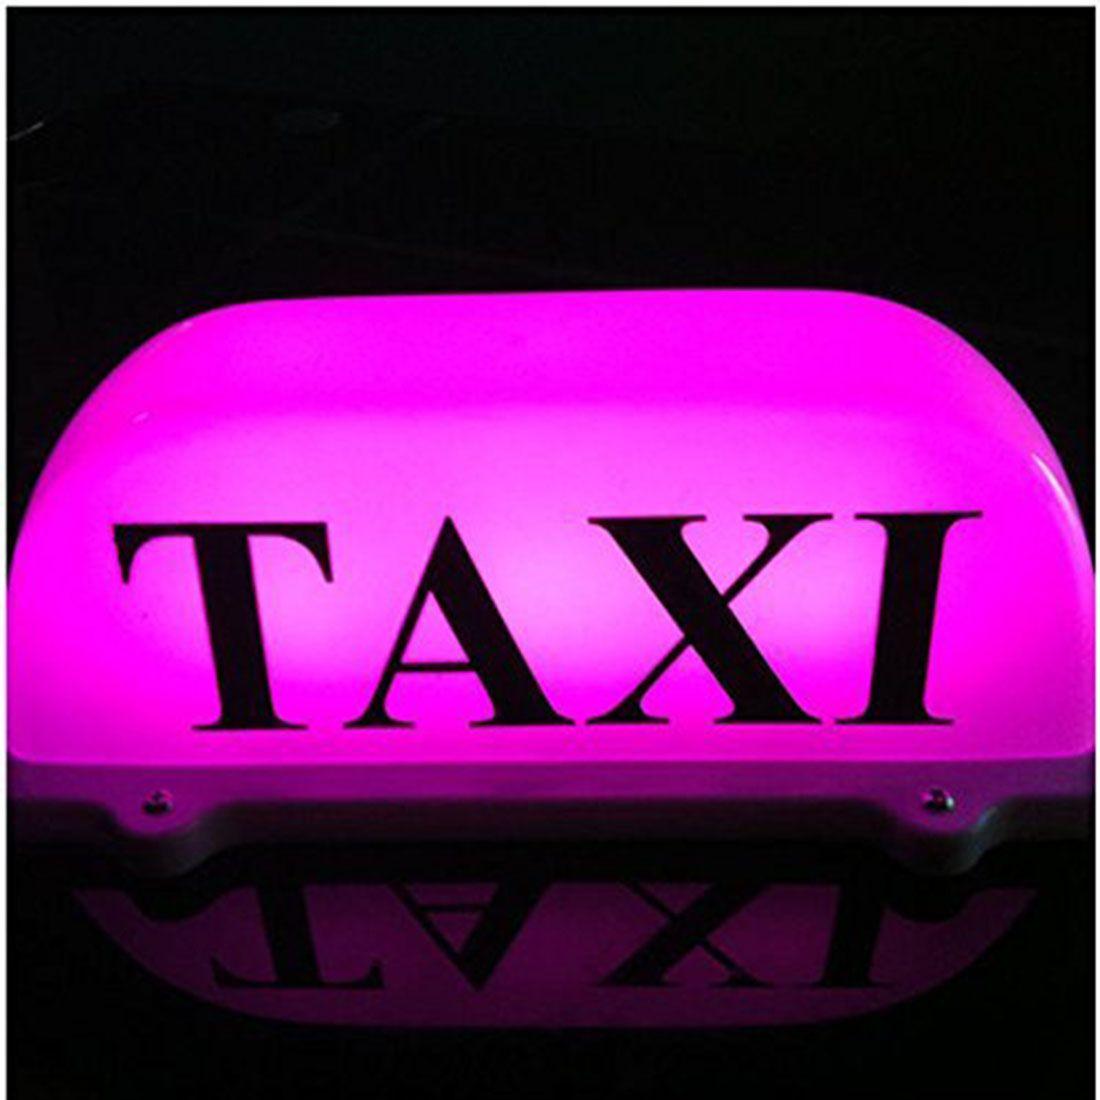 12V ABS impermeable de color púrpura claro con base magnética con lámpara TAXI de línea eléctrica de 3 metros